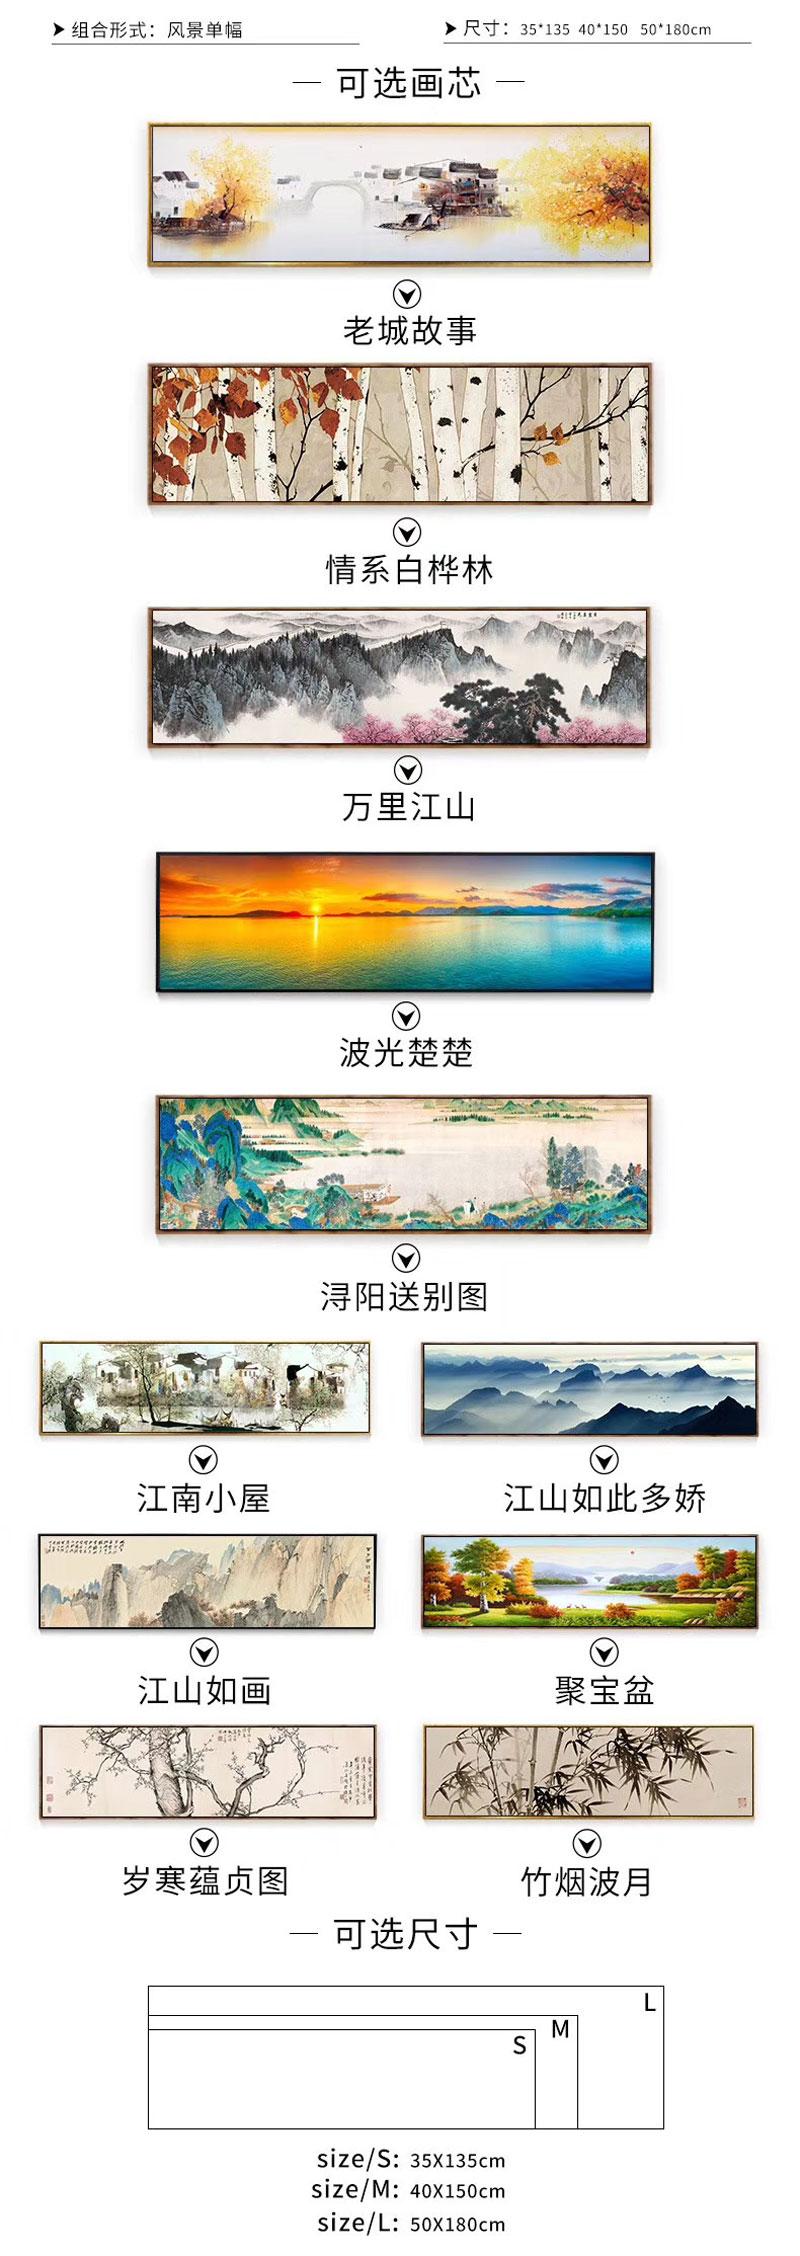 tranh trang guong da dang kich thuoc phong cach 3 - Tranh tráng gương-Album hình ảnh thực tế lắp đặt cho khách hàng PART 1